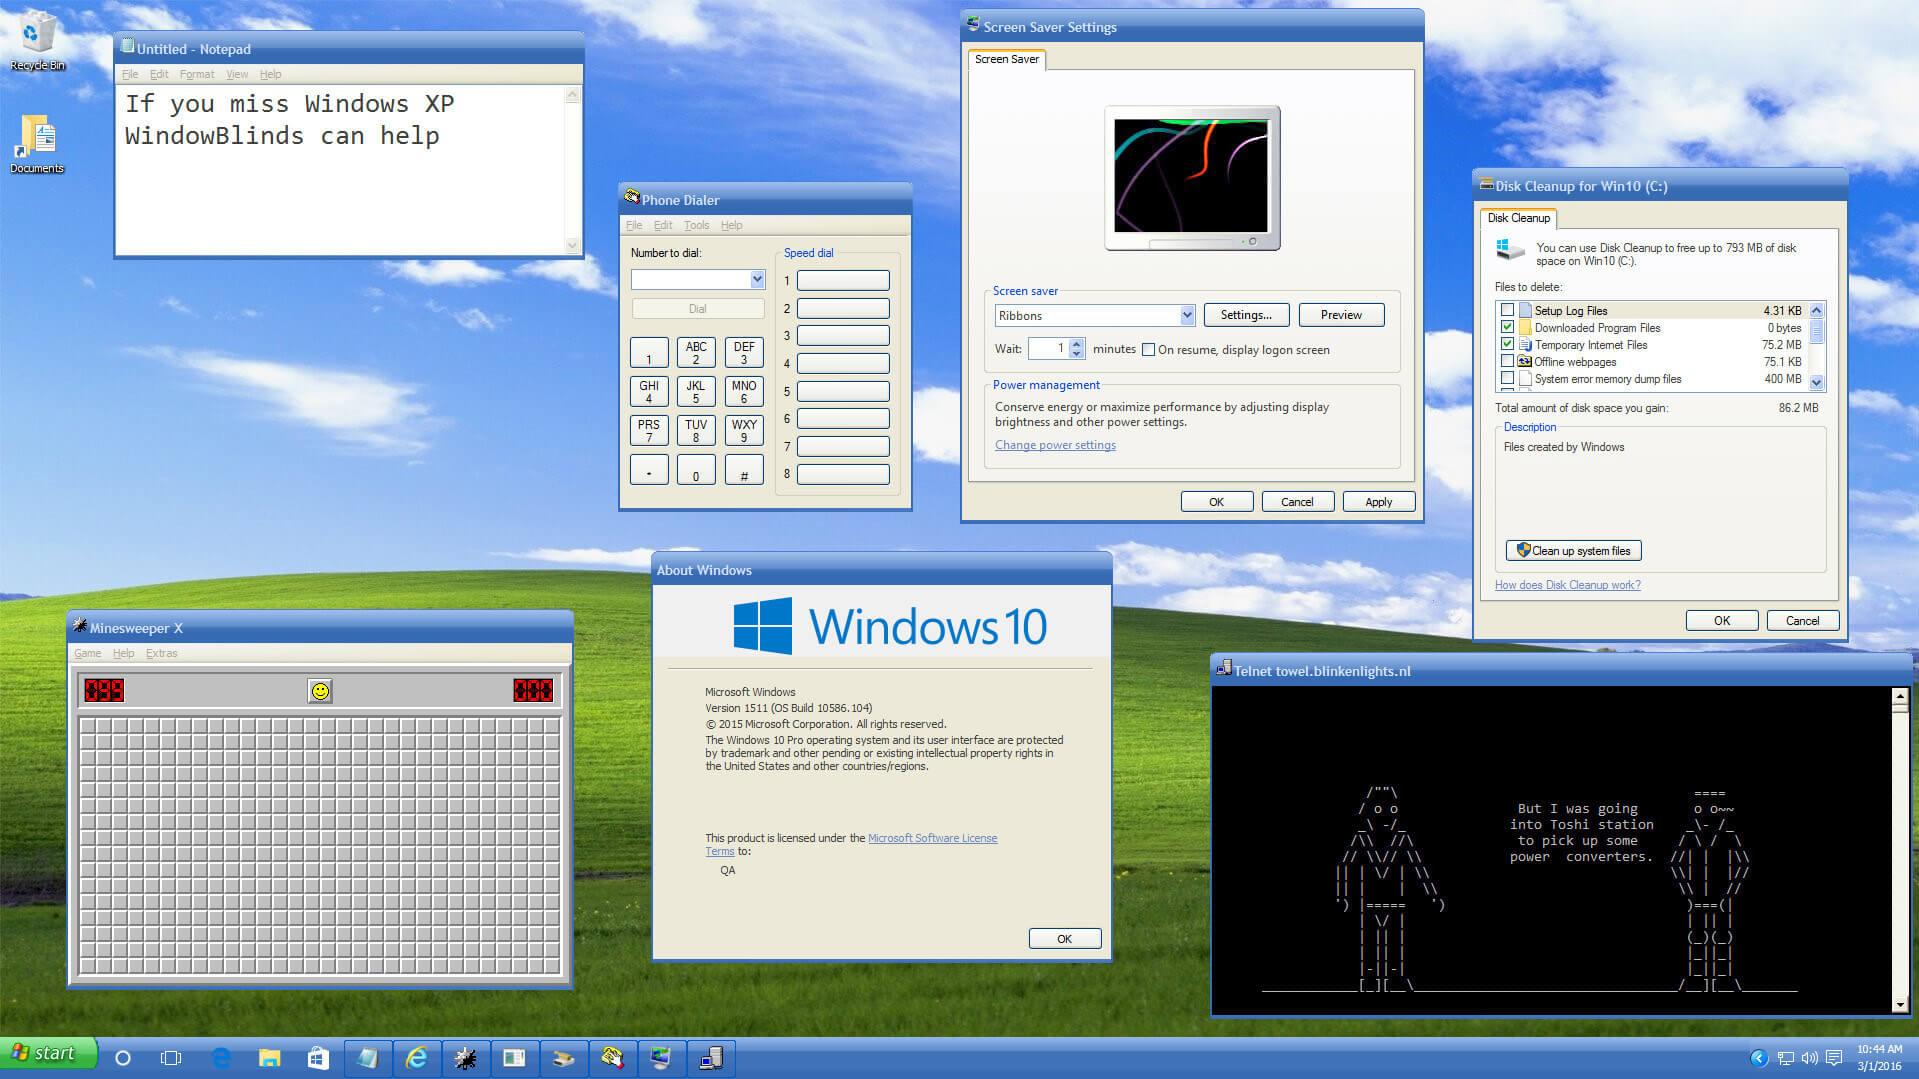 WindowBlinds crack product key